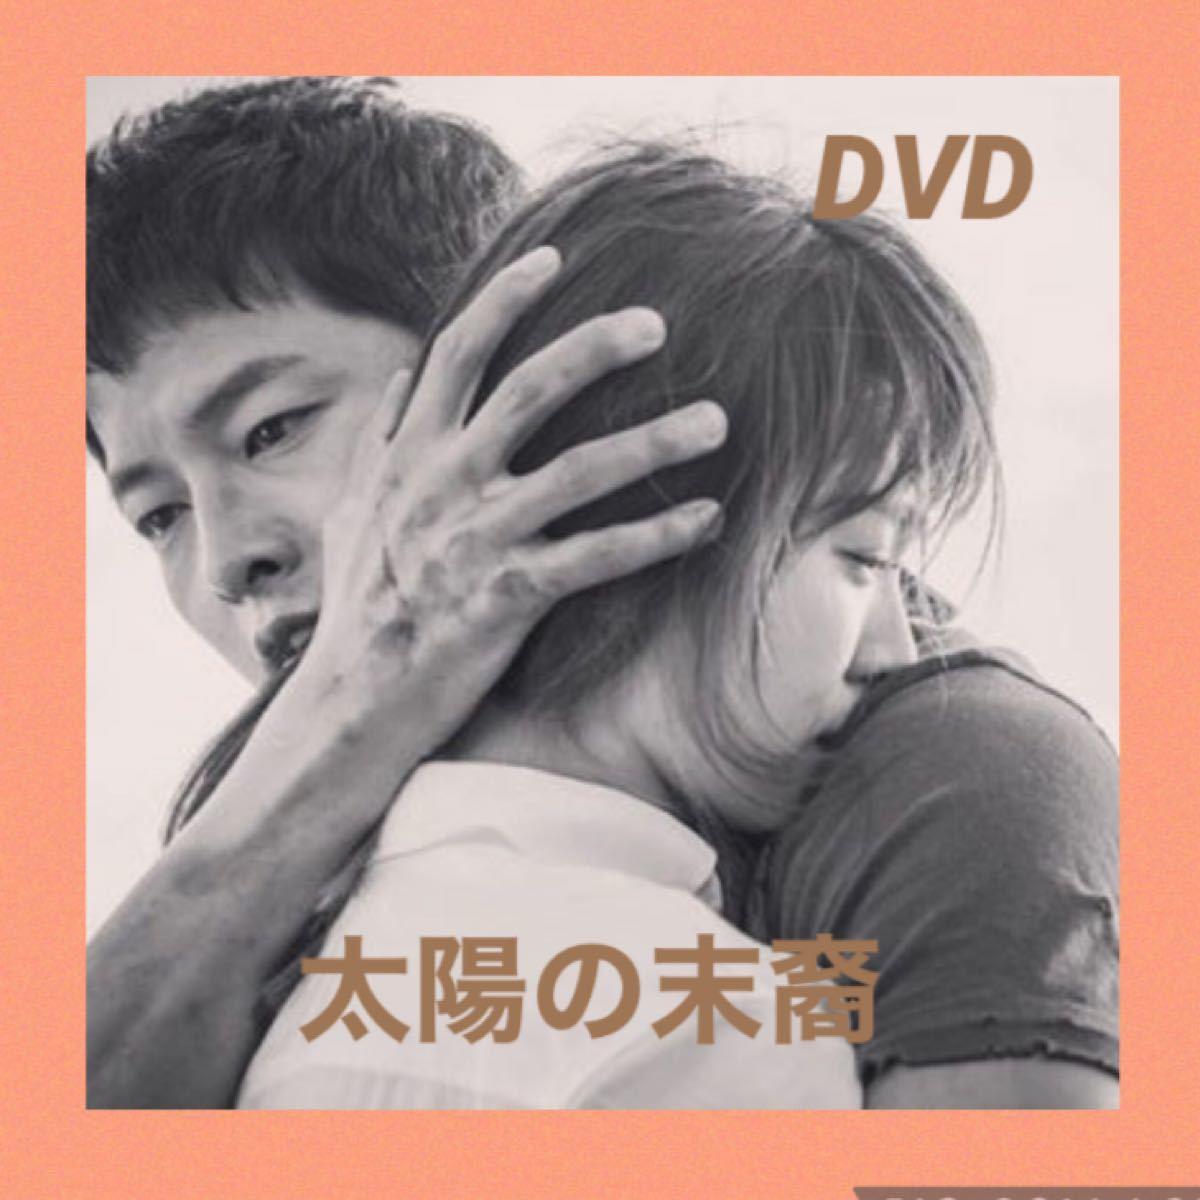 韓国ドラマ 太陽の末裔 DVD全話【レーベル印刷あり】日本語吹き替えあり 高画質